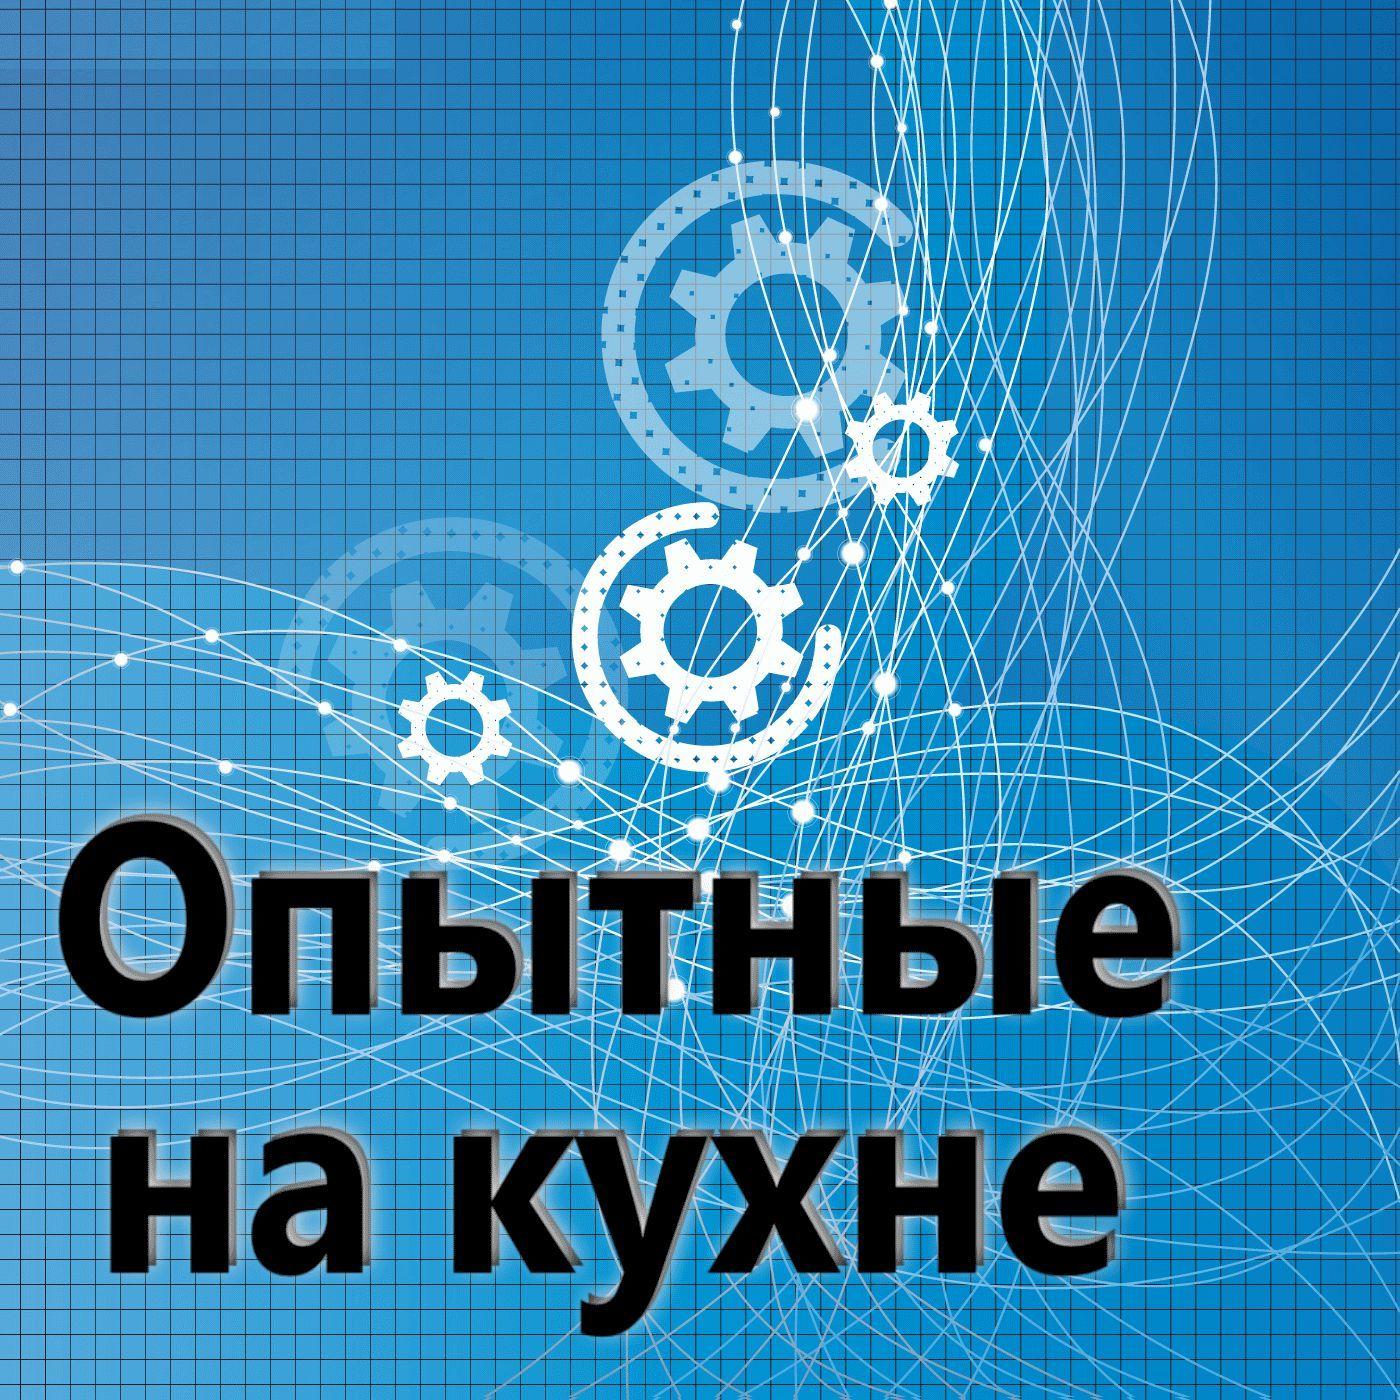 Евгений Плешивцев Опытные на кухне №060 евгений плешивцев опытные на кухне 039